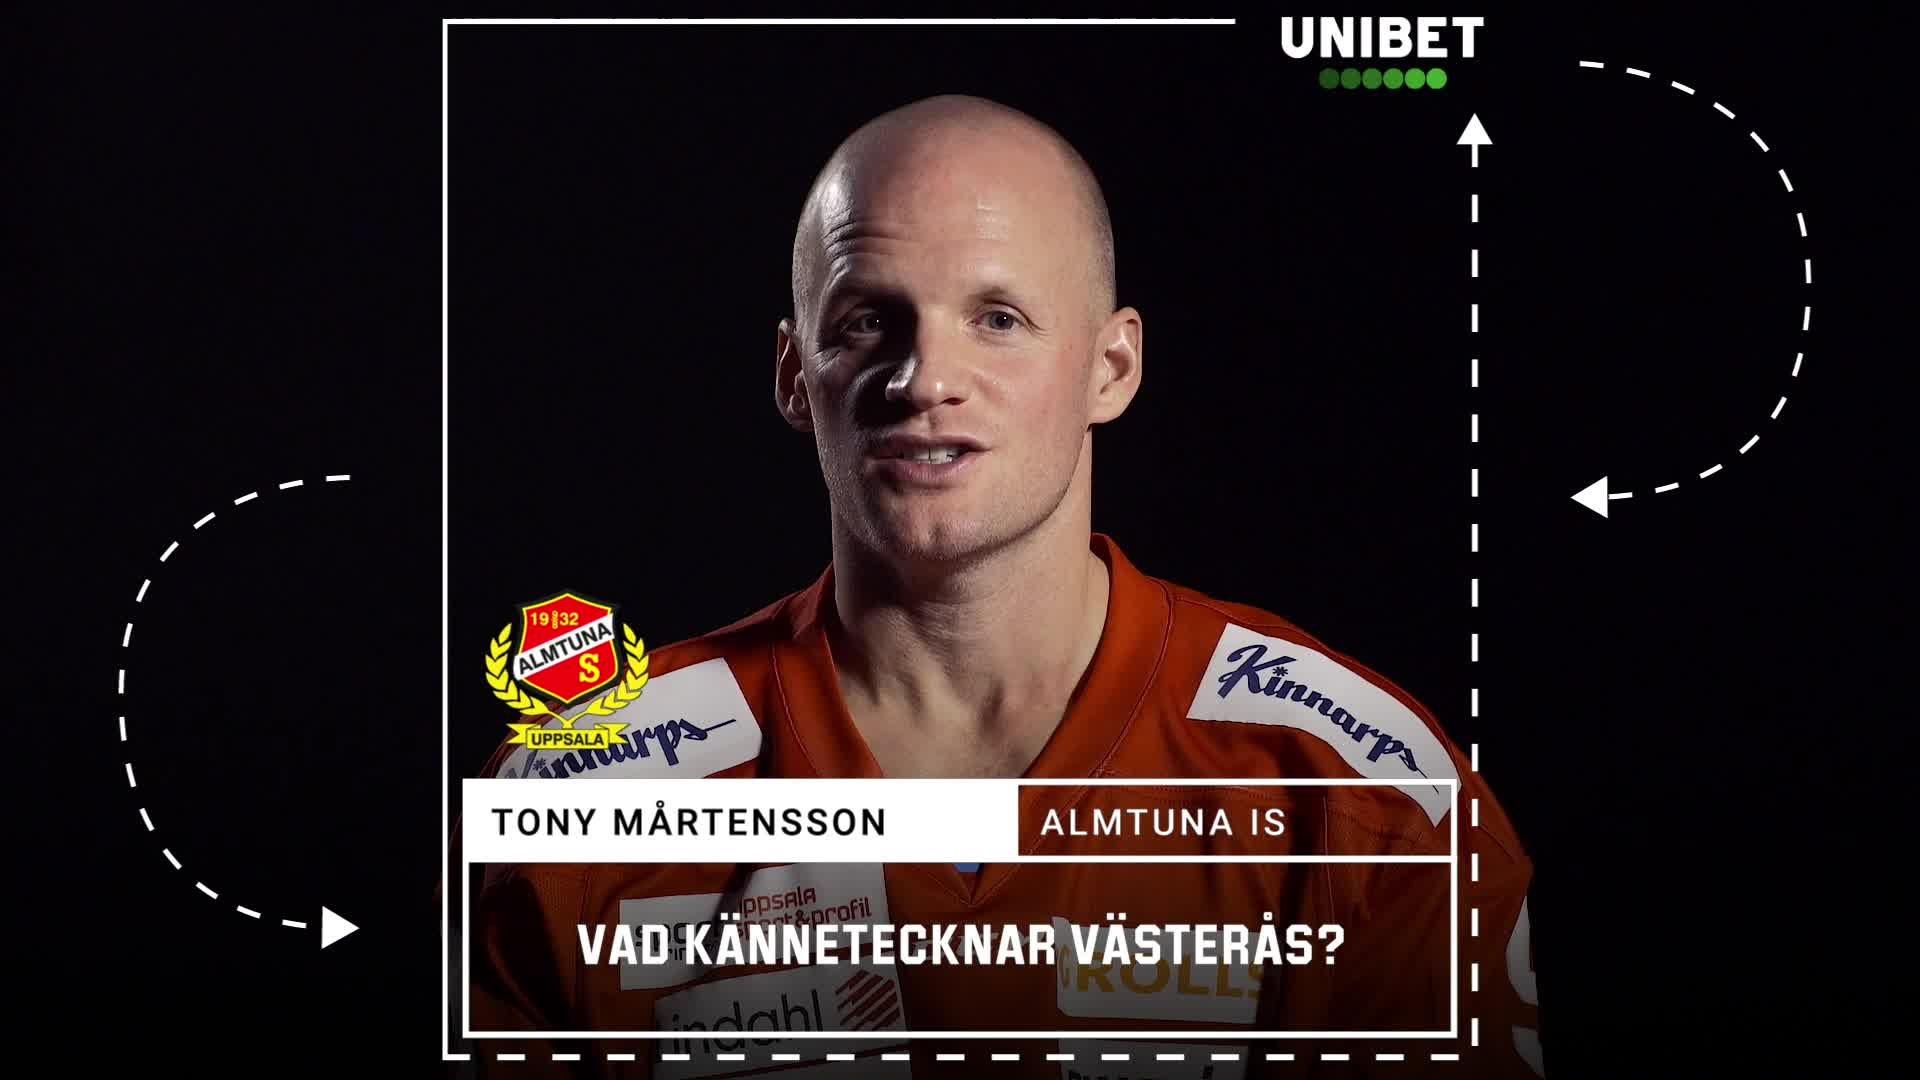 Tony Mårtensson om Västerås